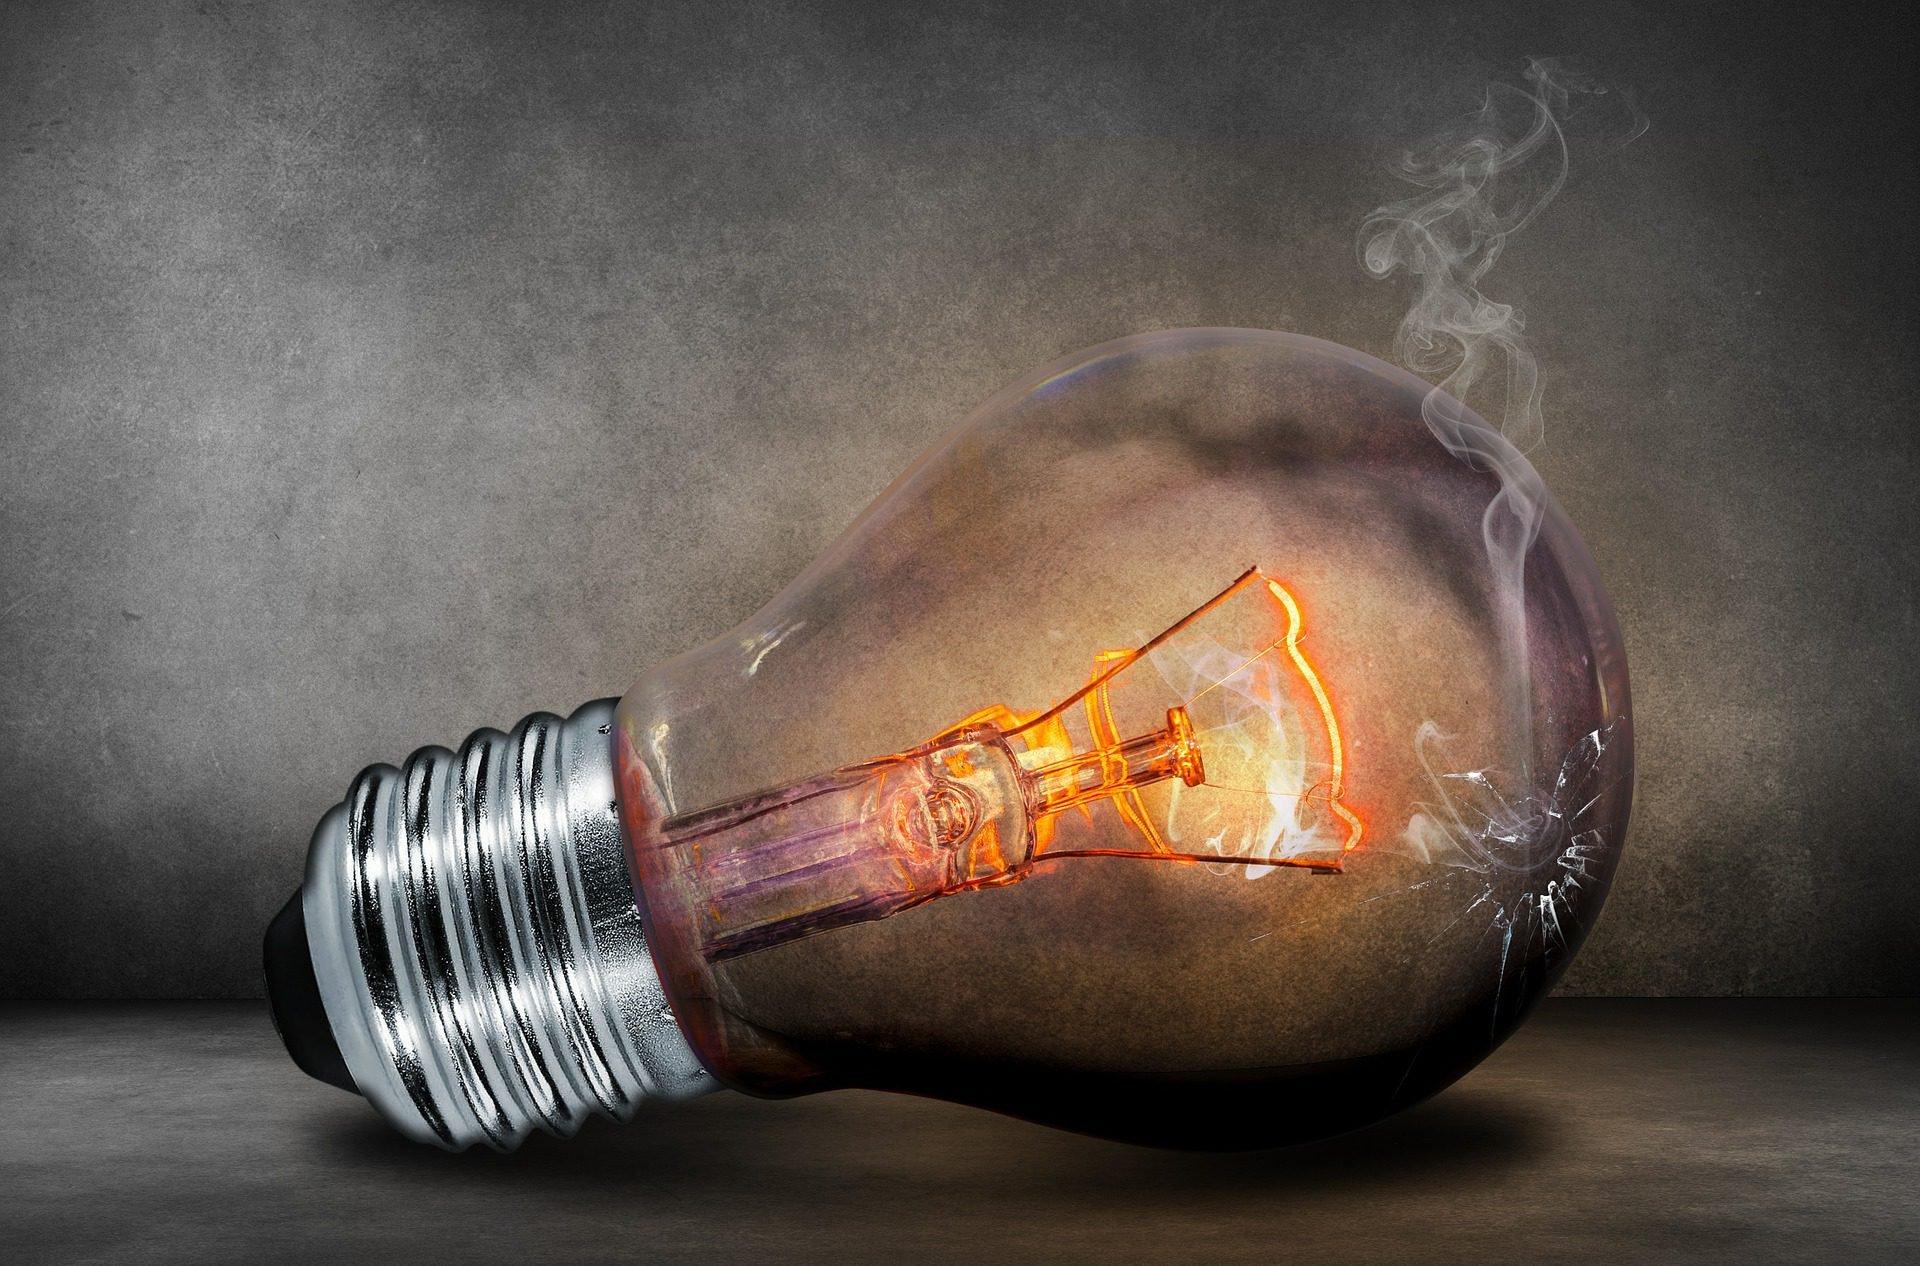 Жителям Уфы временно придется жить без света